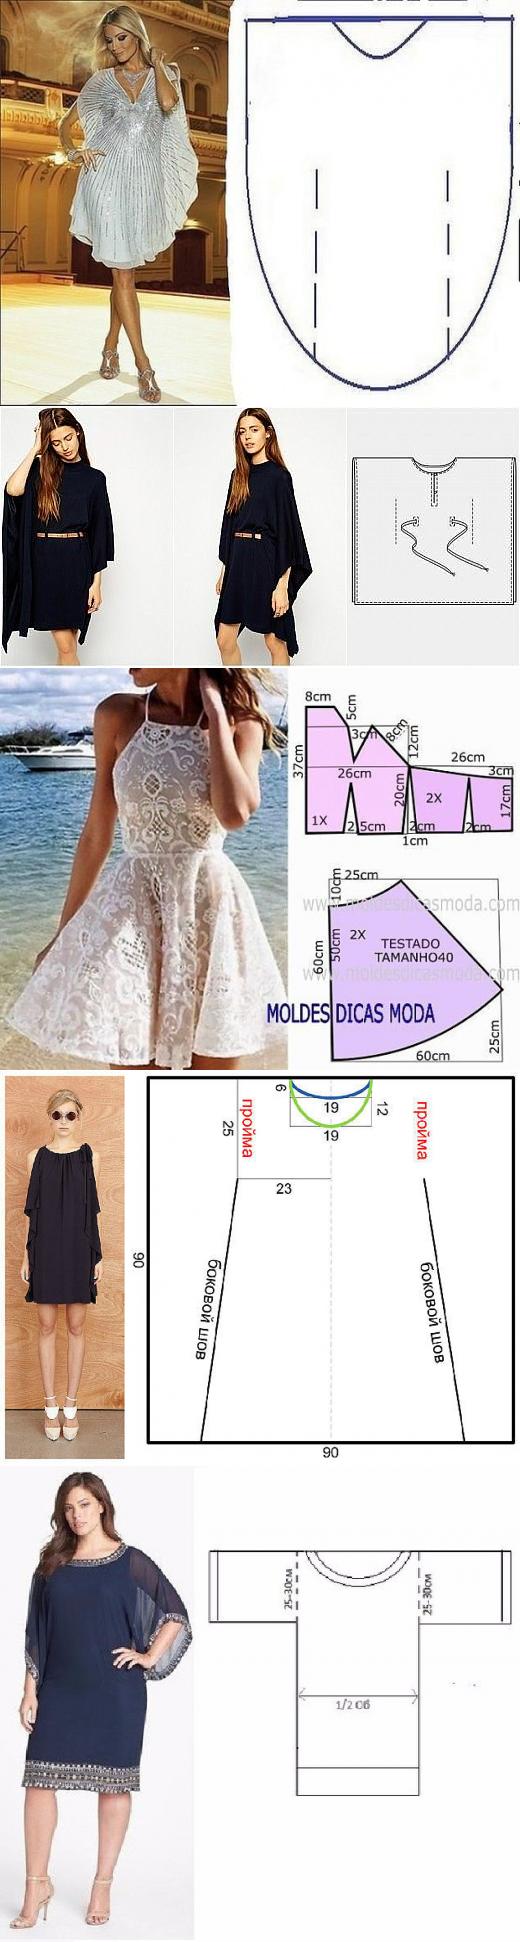 швейные хитрости | PRATİK ŞIK GİYSİLER DİKİŞ &KALIP | Pinterest ...